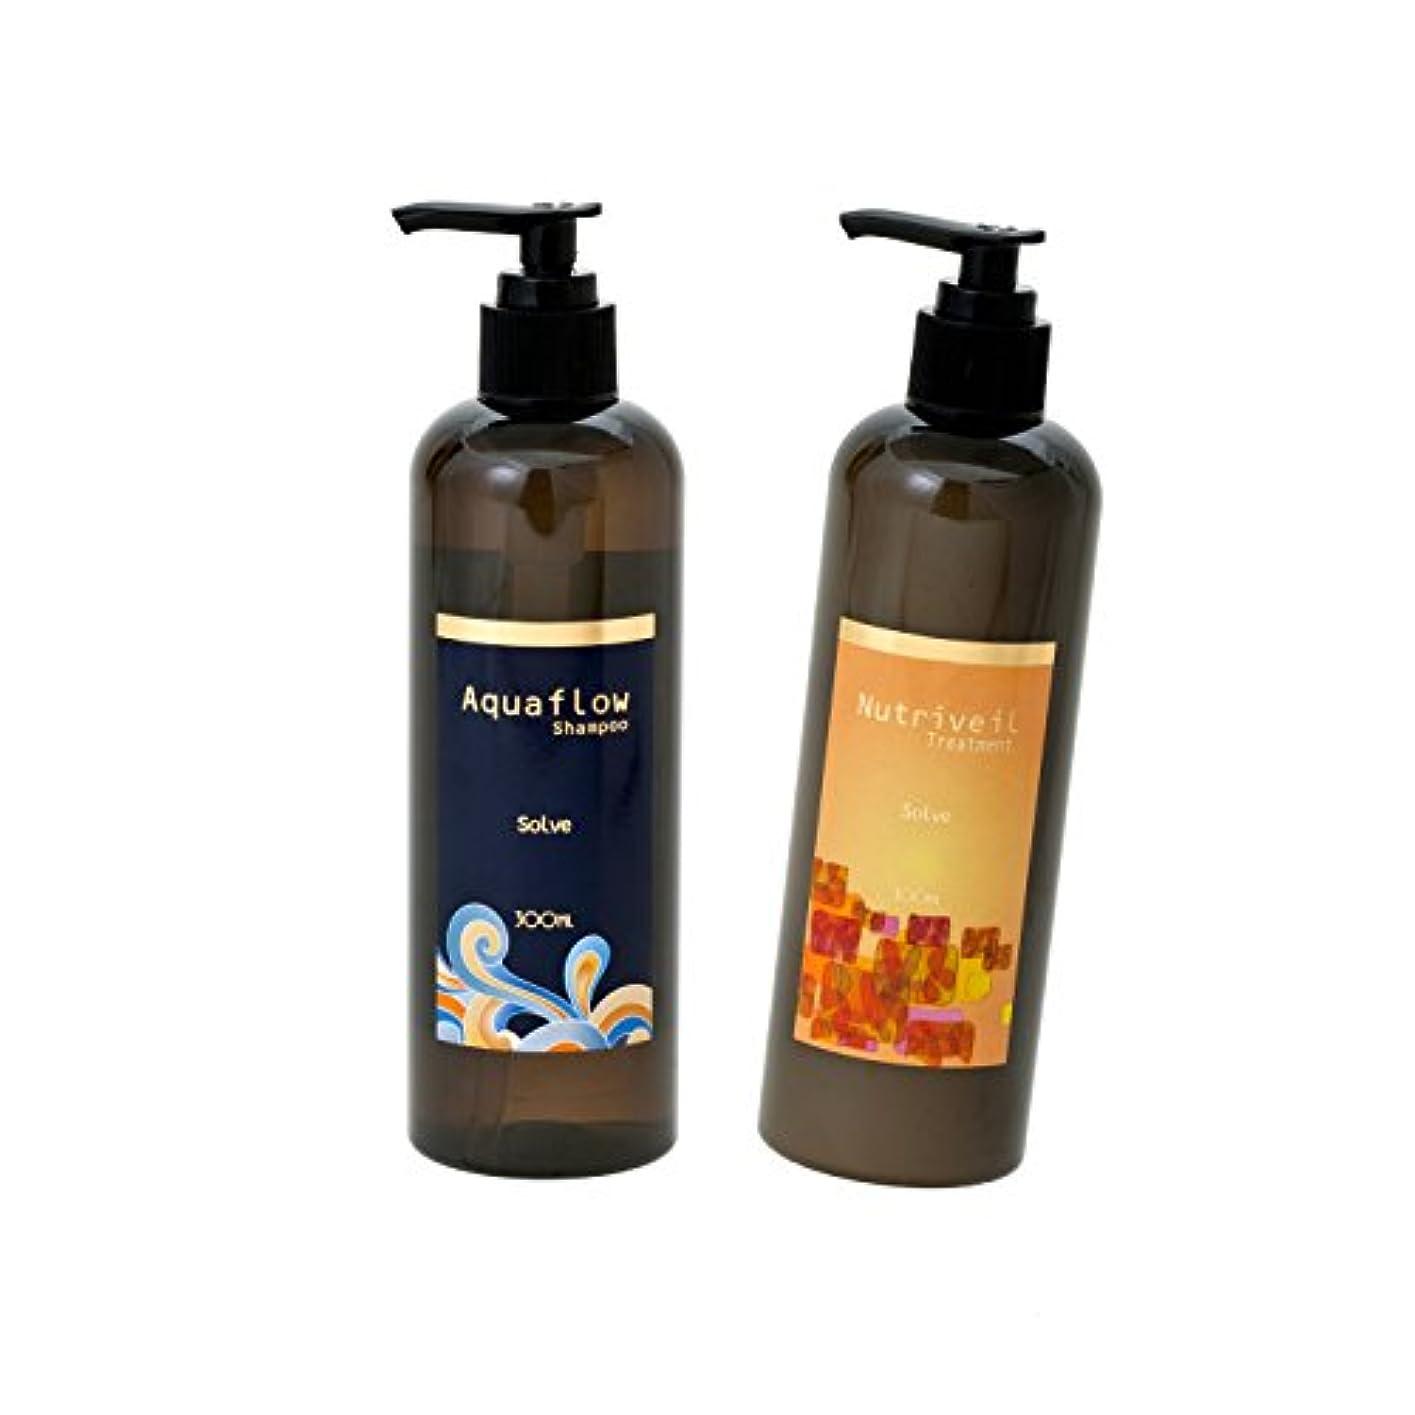 デコラティブゾーン誰か縮毛矯正した髪を栄養そのもので洗うsolve ソルブシャンプー「Aquaflow_アクアフロー」ソルブトリートメント「Nutriveil_ニュートリヴェール」セット カラーの繰り返しで大きくダメージした髪のケアにも。 (300ml_set)